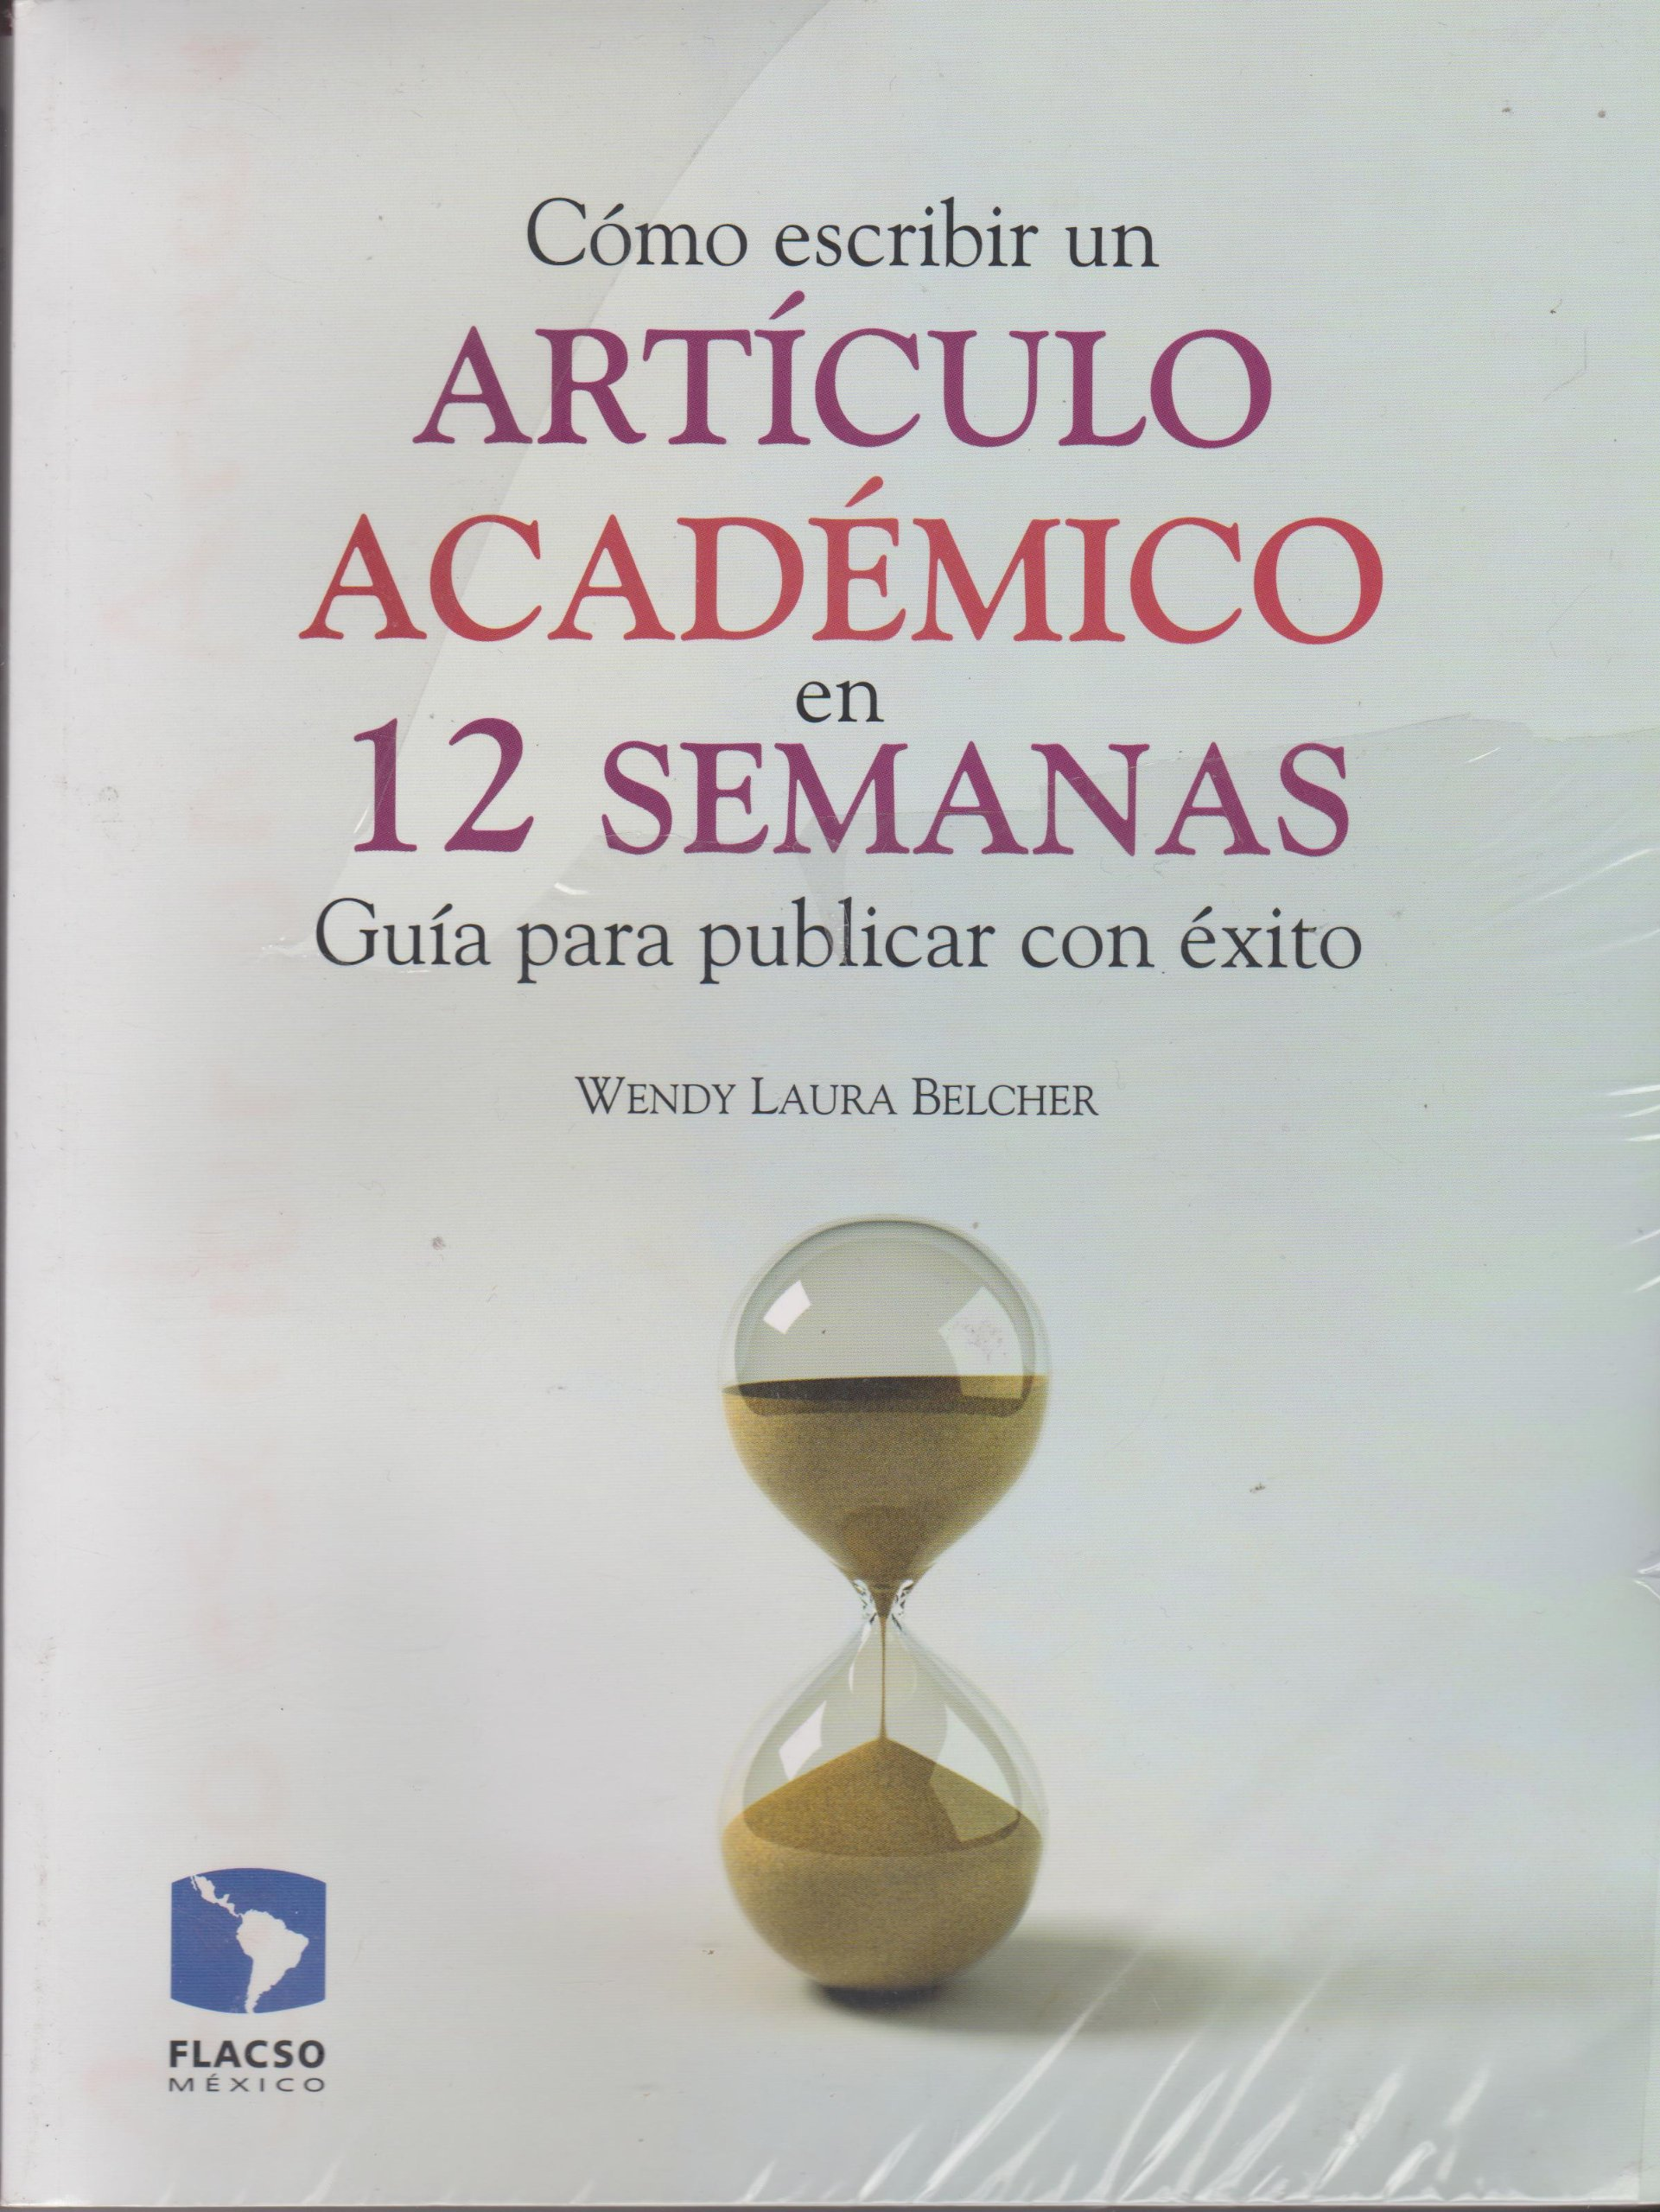 Como escribir un articulo academico en 12 semanas. Guia para publicar con exito (Spanish Edition) pdf epub